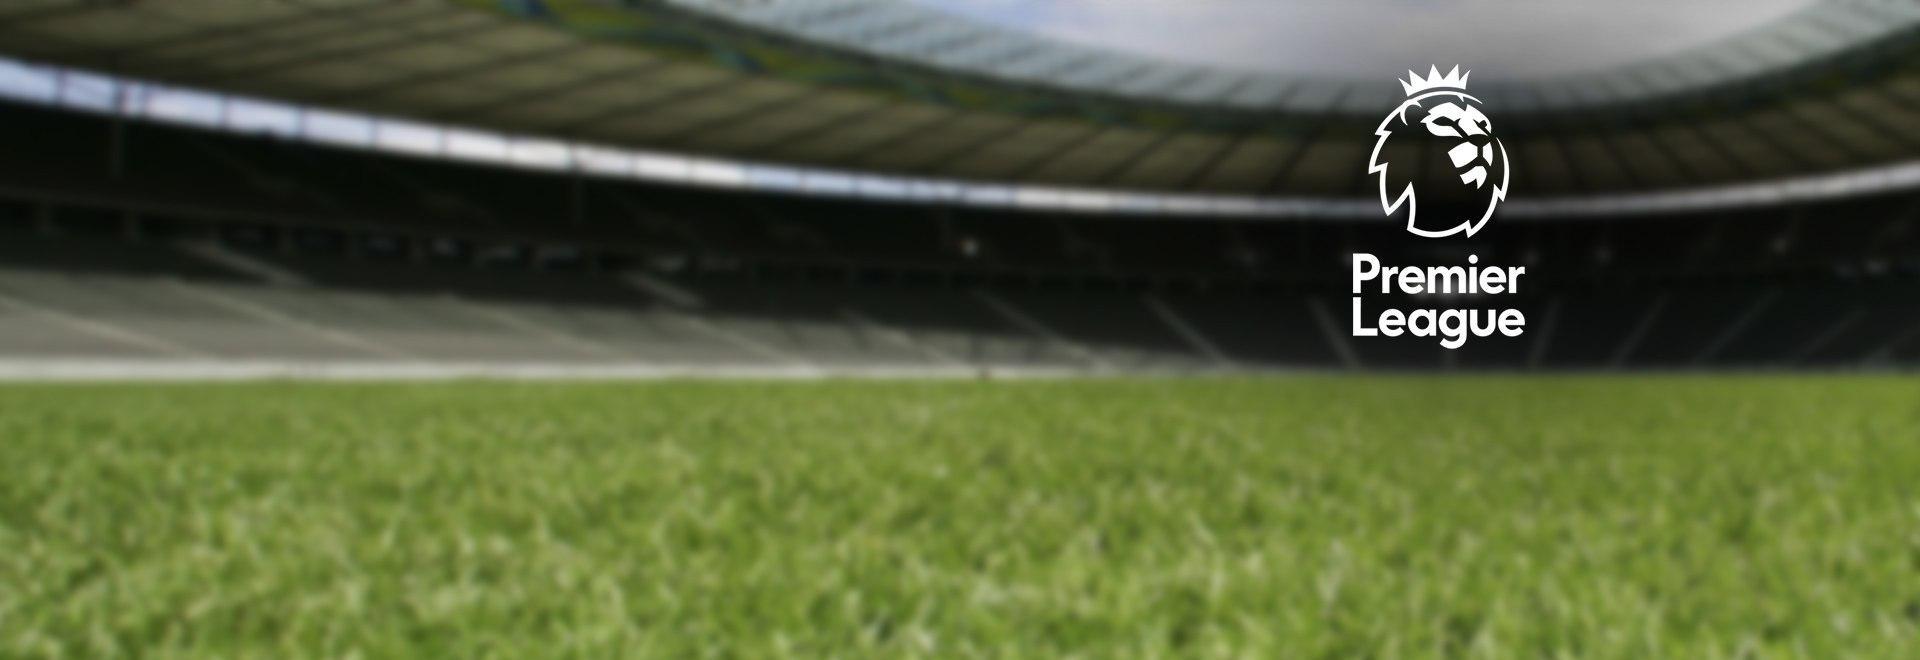 Premier League - Stag. 2020 Ep. 21a g. - West Ham United - Liverpool